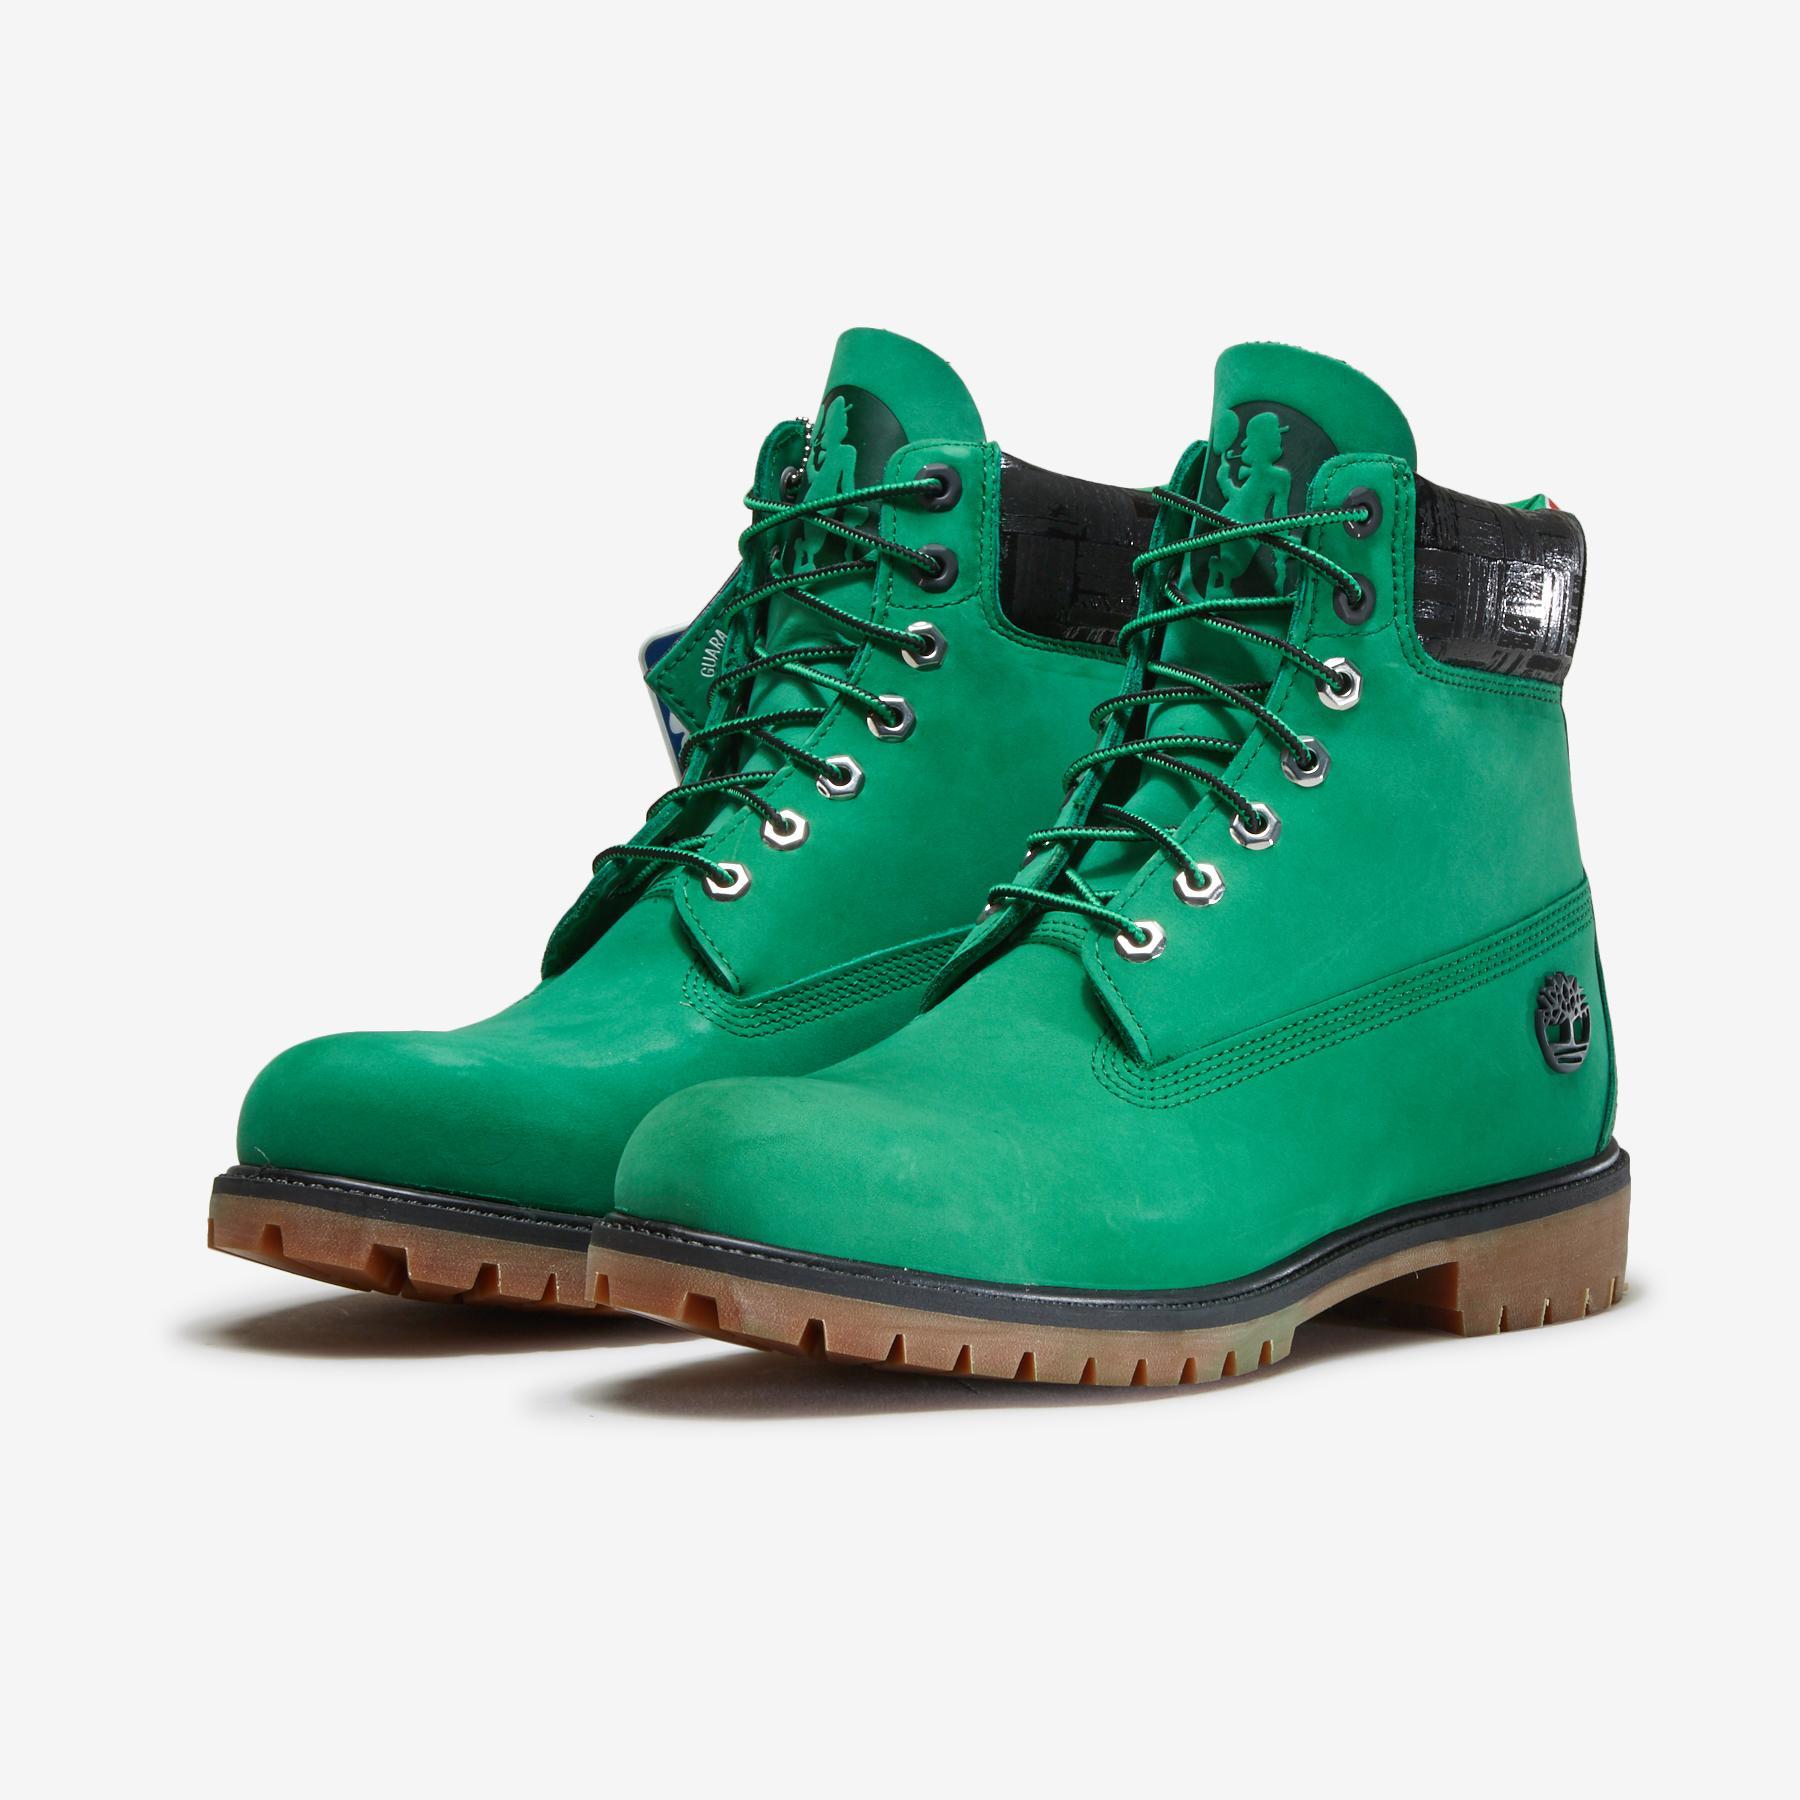 Timberland Nba Boston Celtics X Timberland Boots